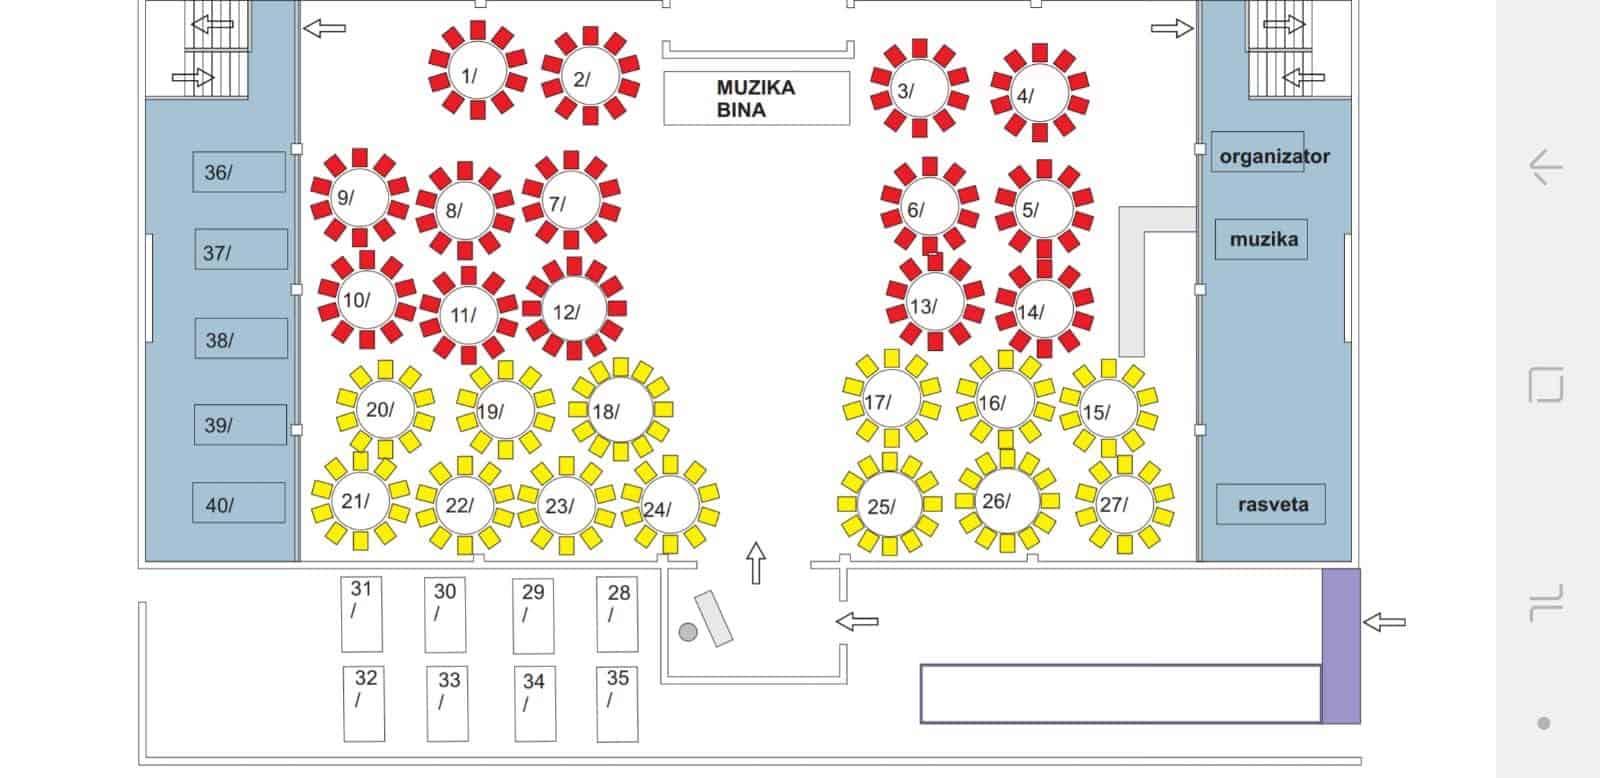 Docek Nove godine Beograd 2020 Restoran Principessa mapa